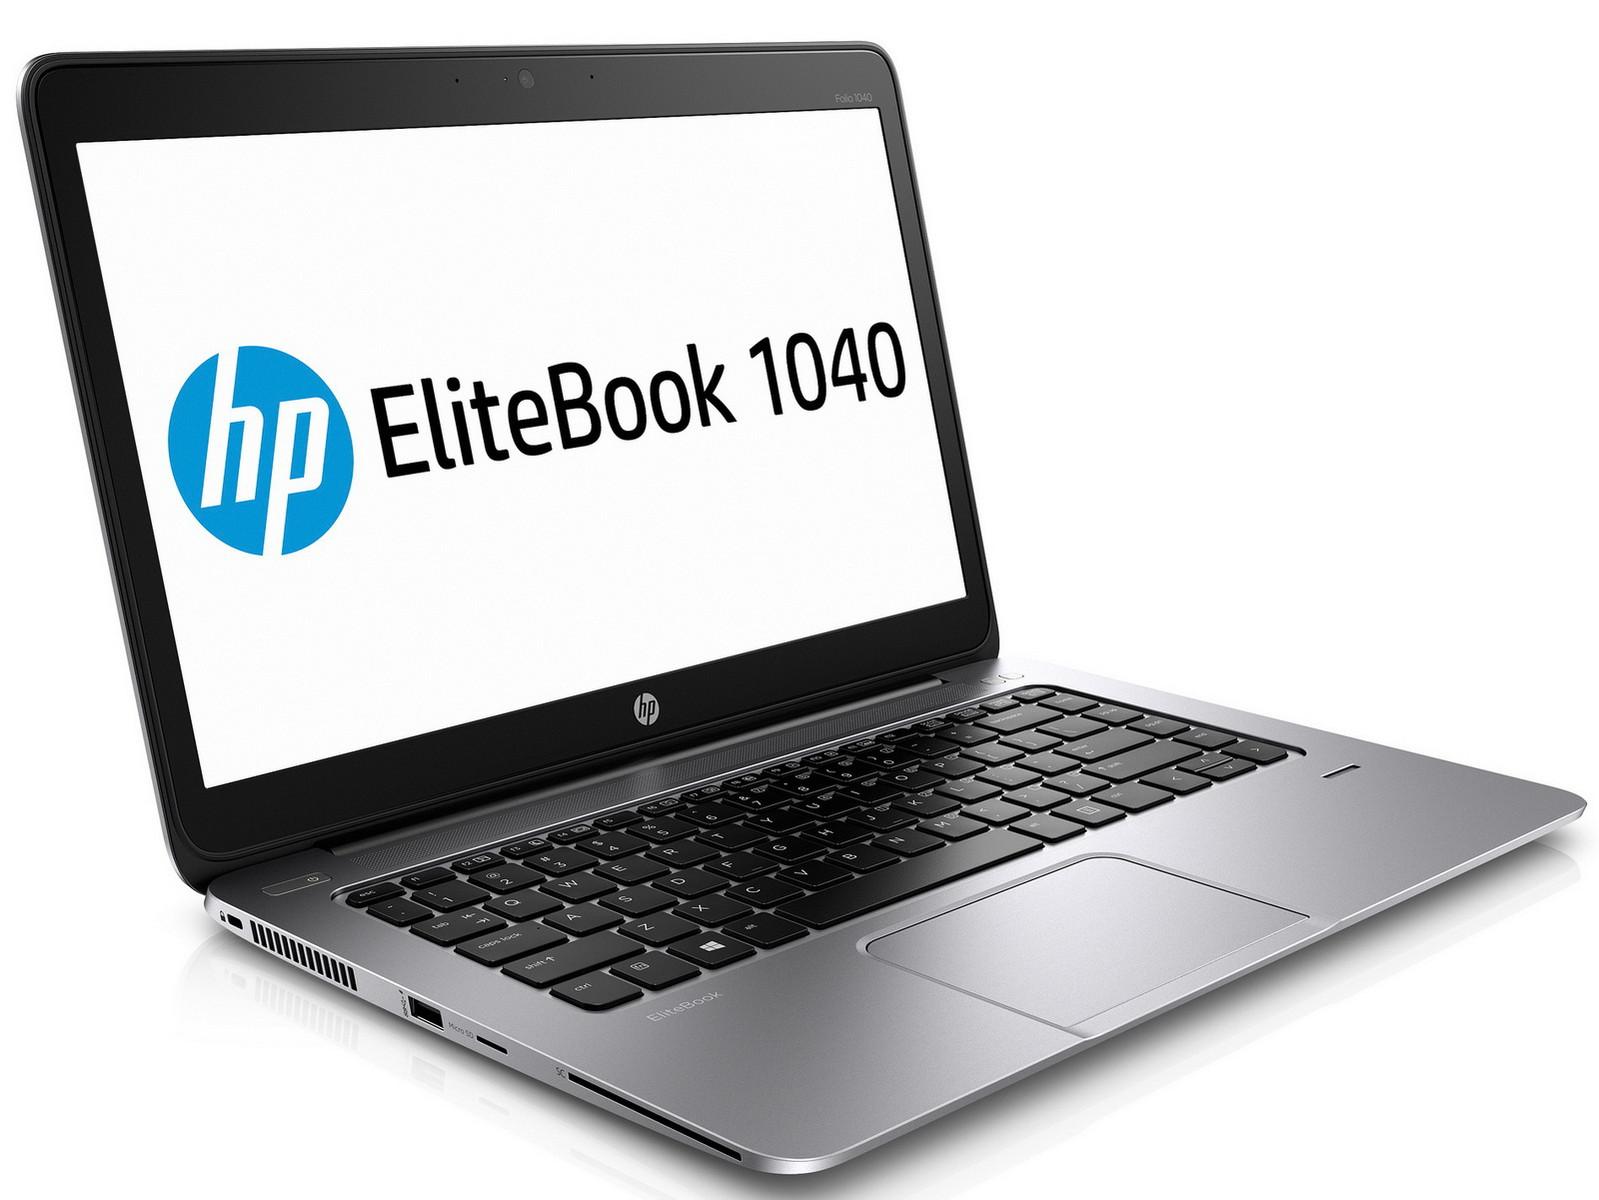 HP EliteBook Folio 1040 G2 - Notebookcheck net External Reviews